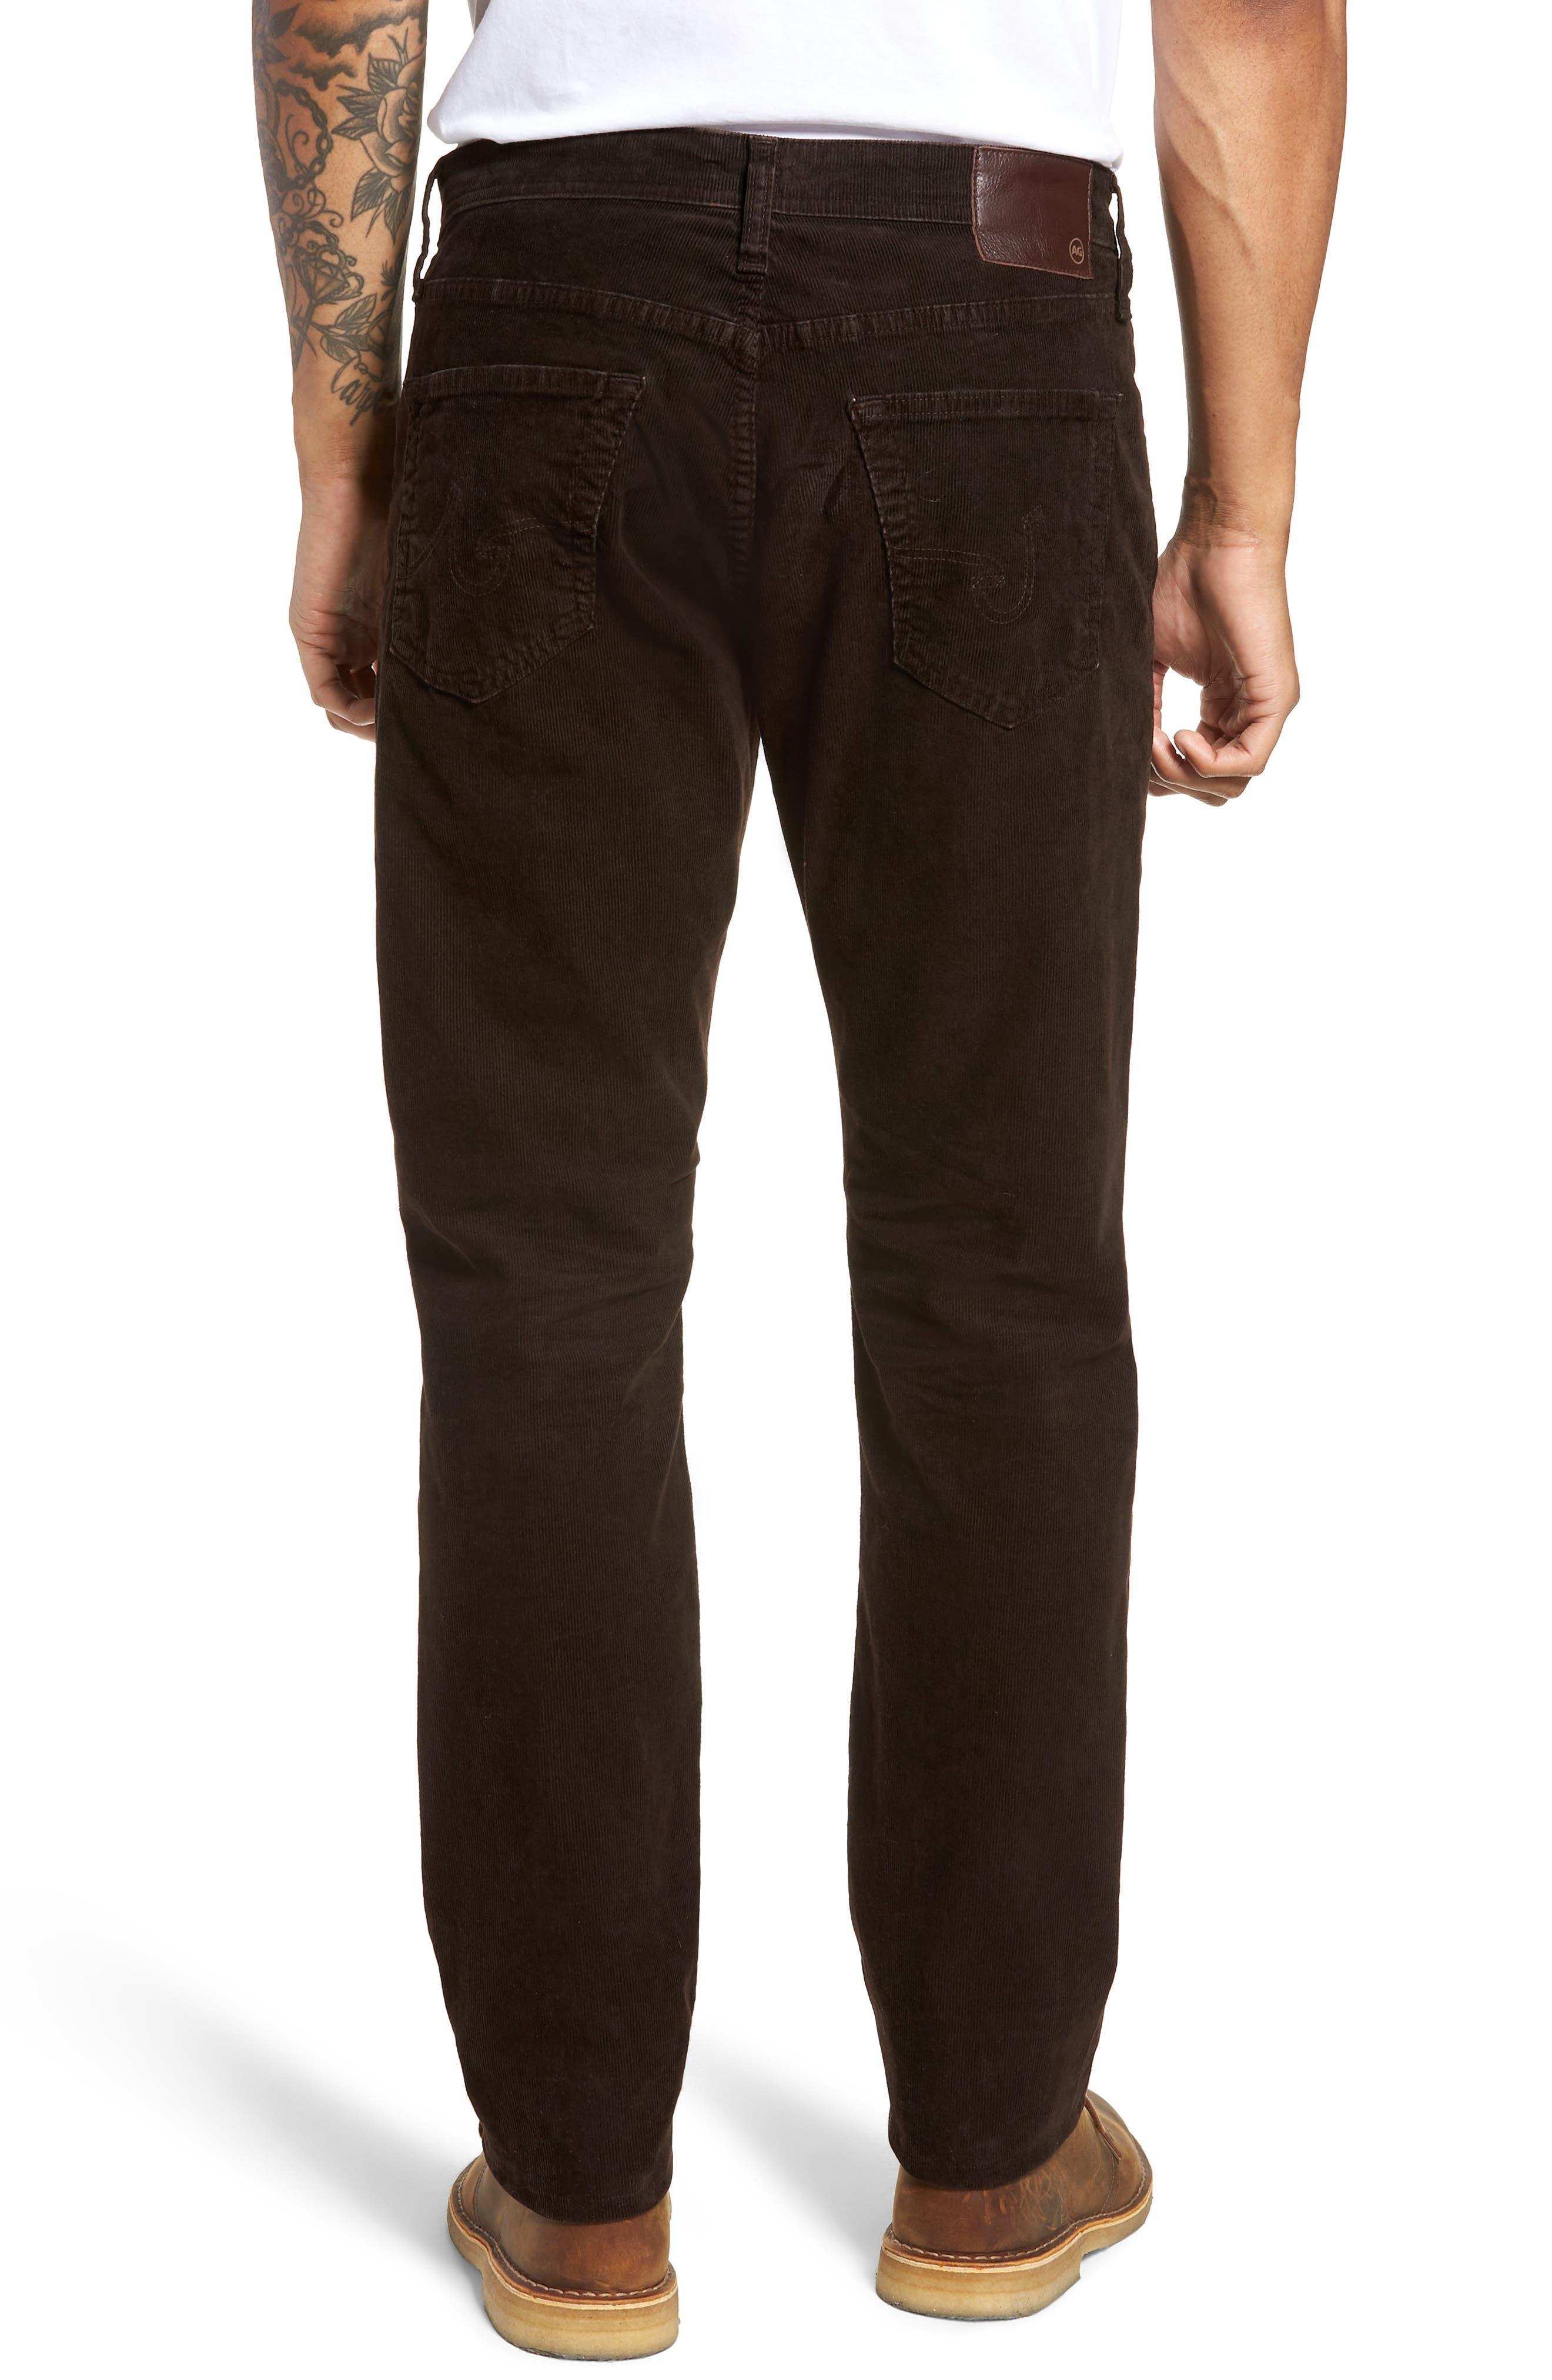 Everett Straight Leg Corduroy Pants,                             Alternate thumbnail 2, color,                             SULFUR SHUTTER